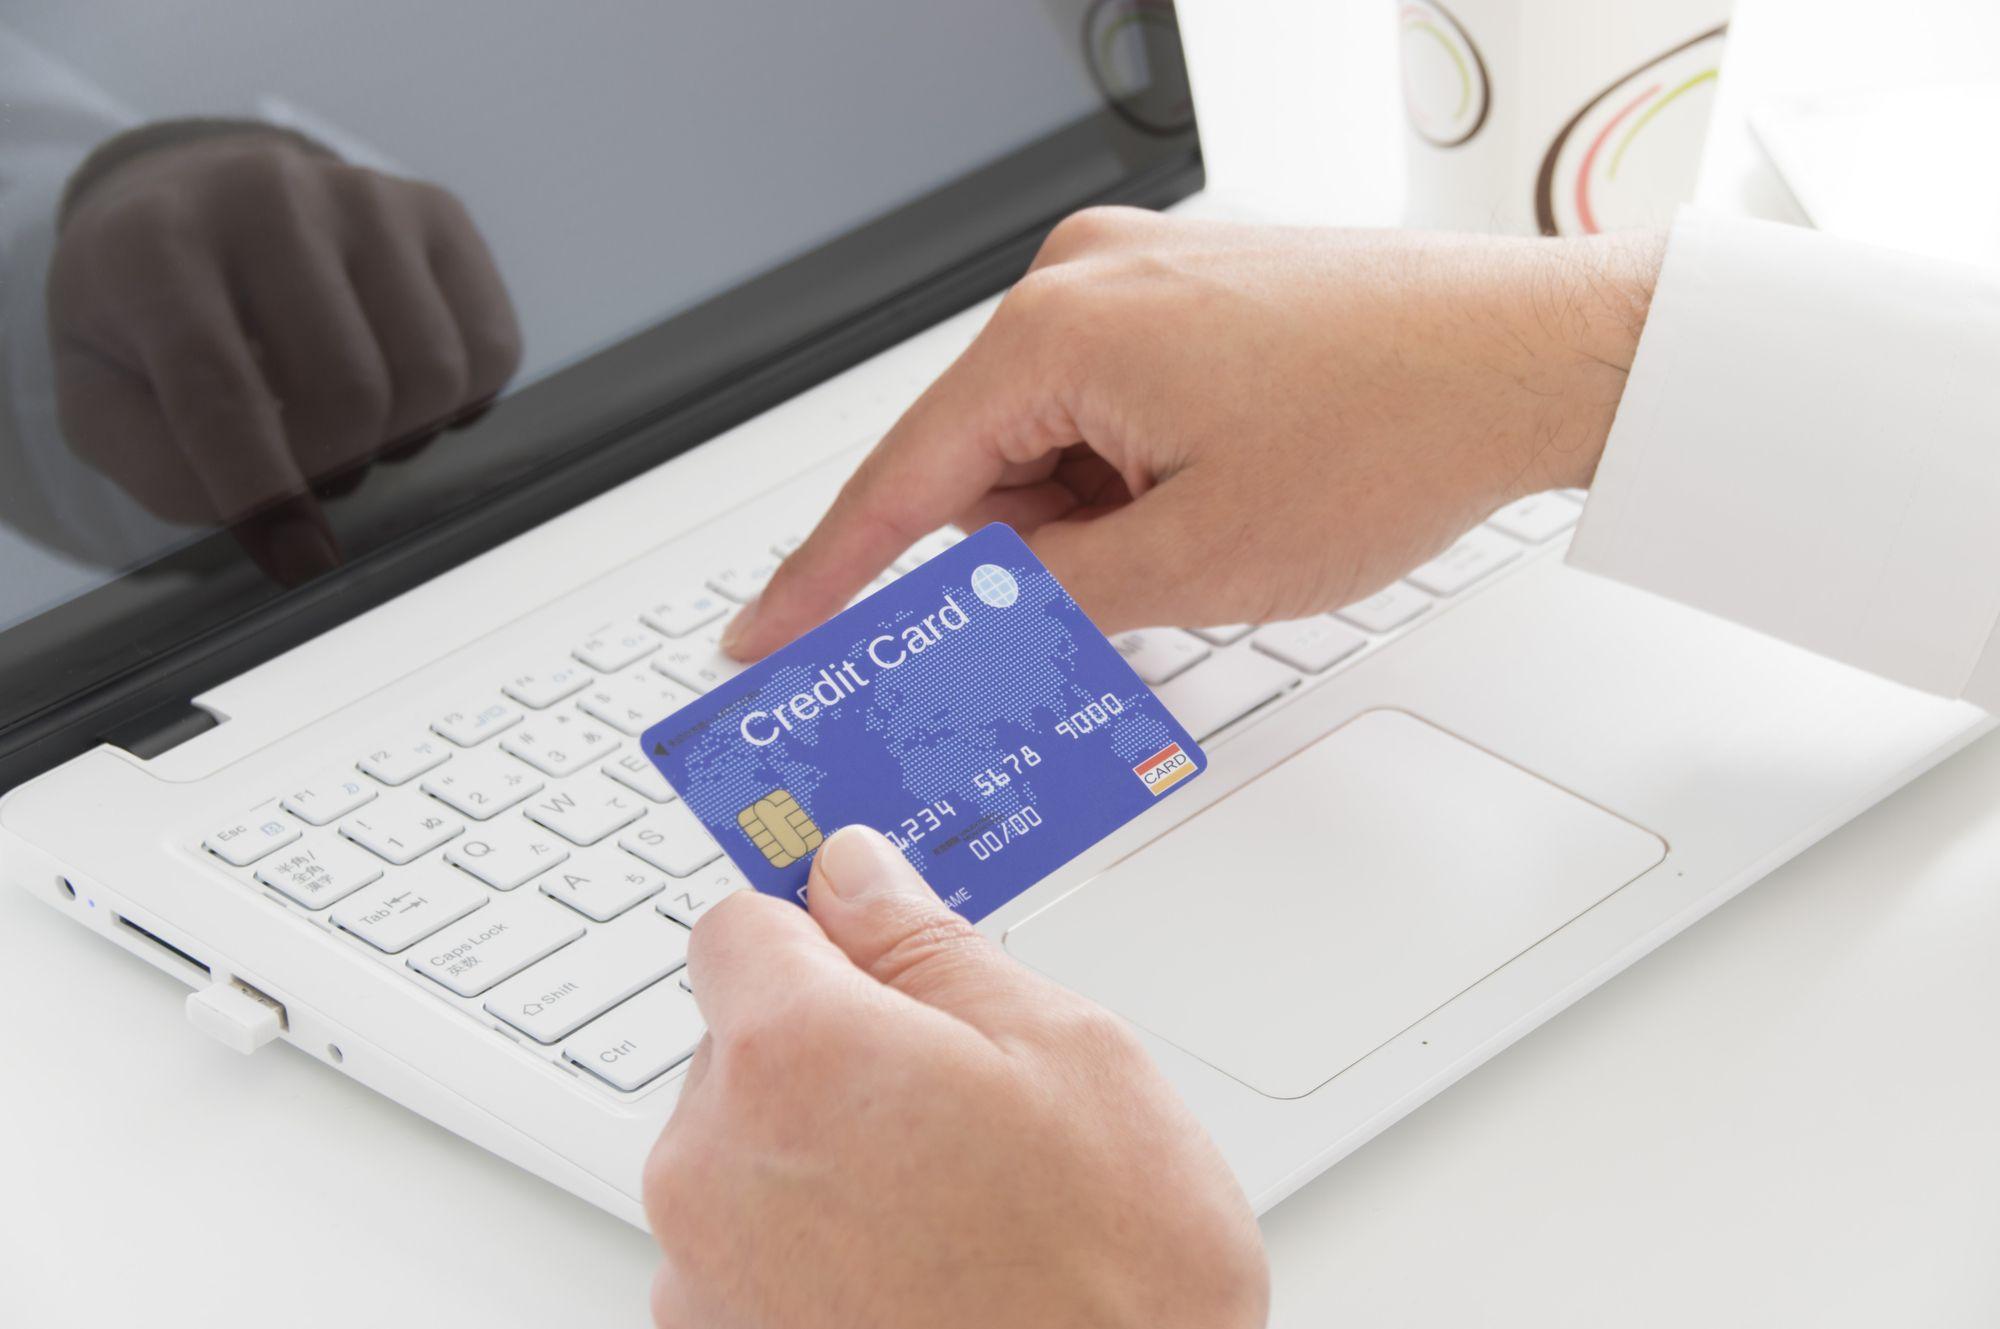 JALカードのログイン方法!MyJALCARD(会員サイト名)でわかる情報やメリットを解説